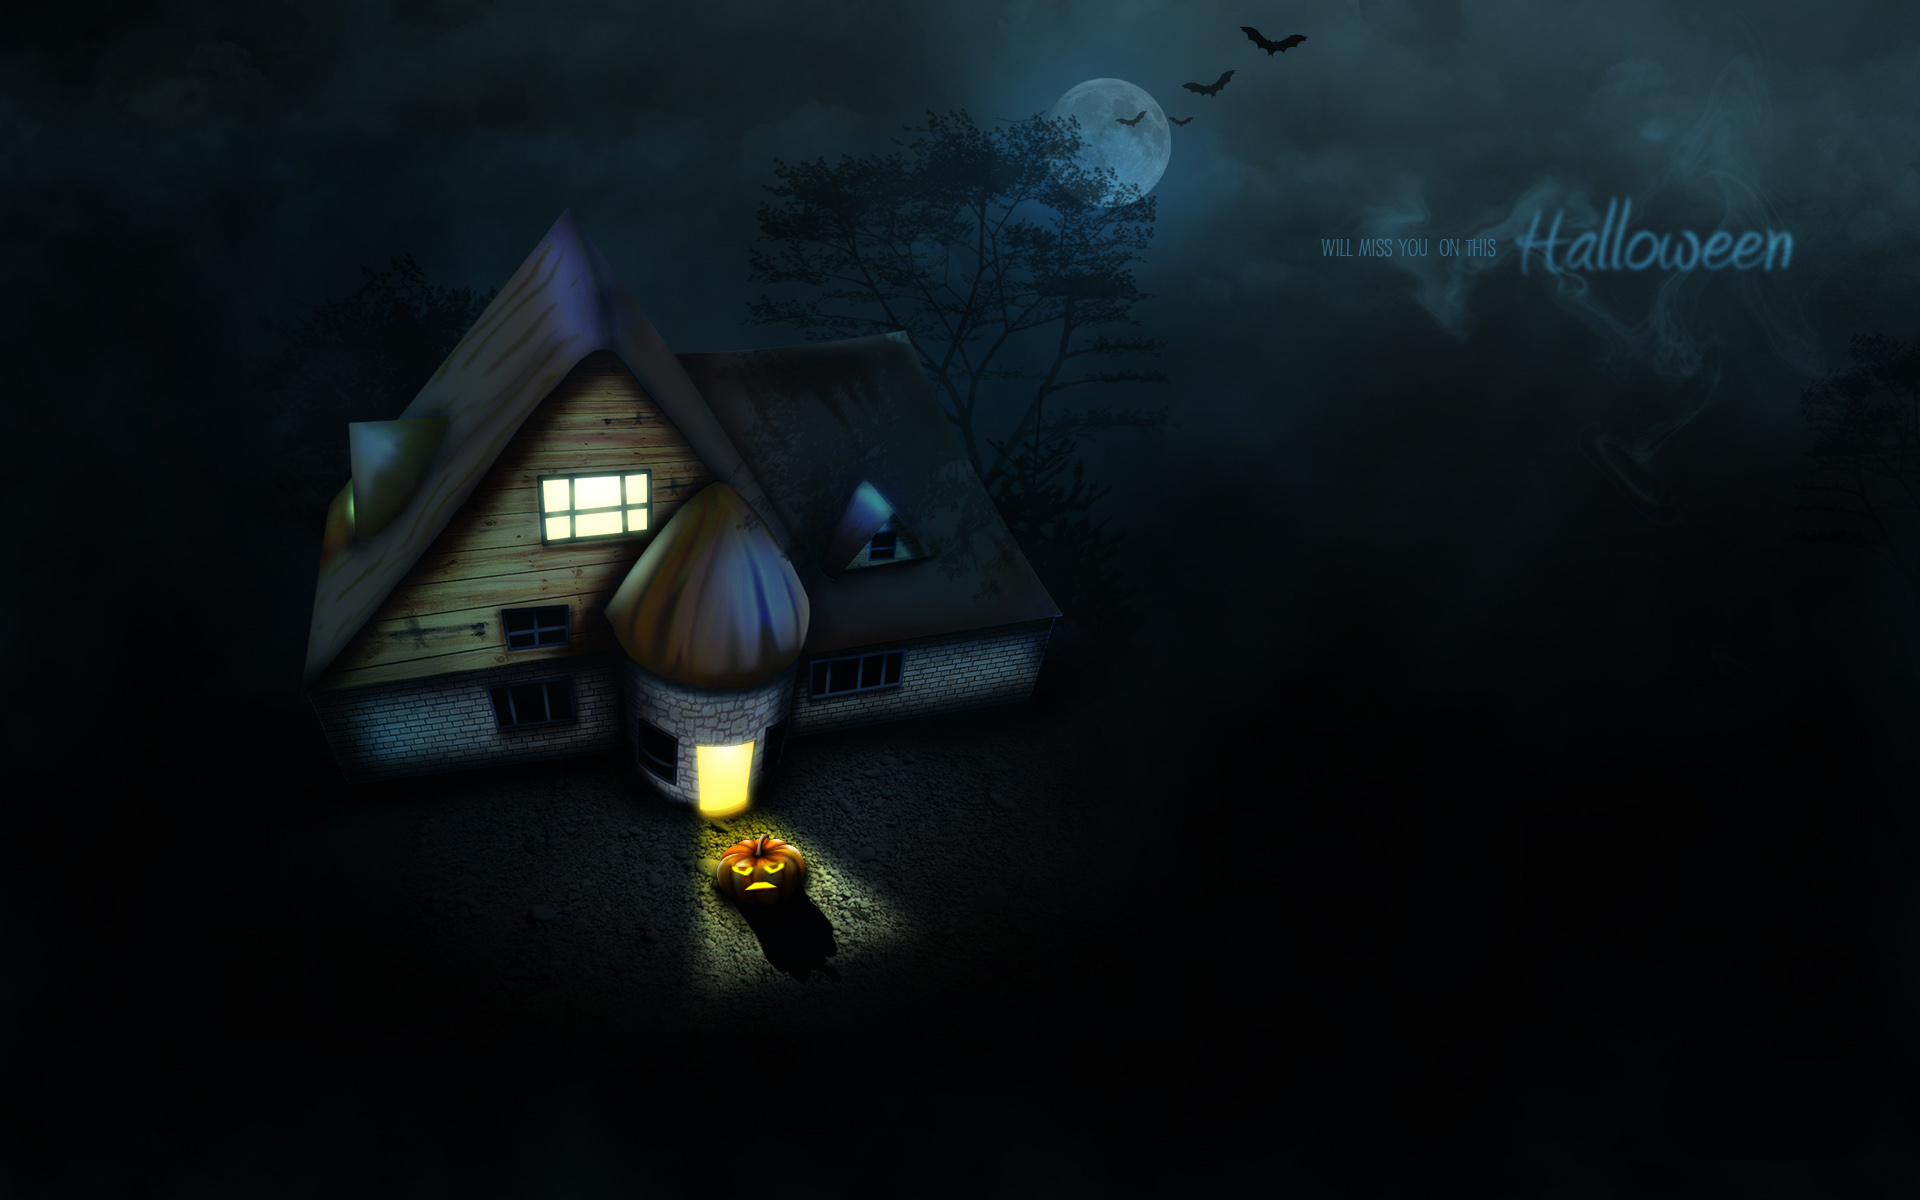 Hình nền Powerpoint Halloween đơn giản